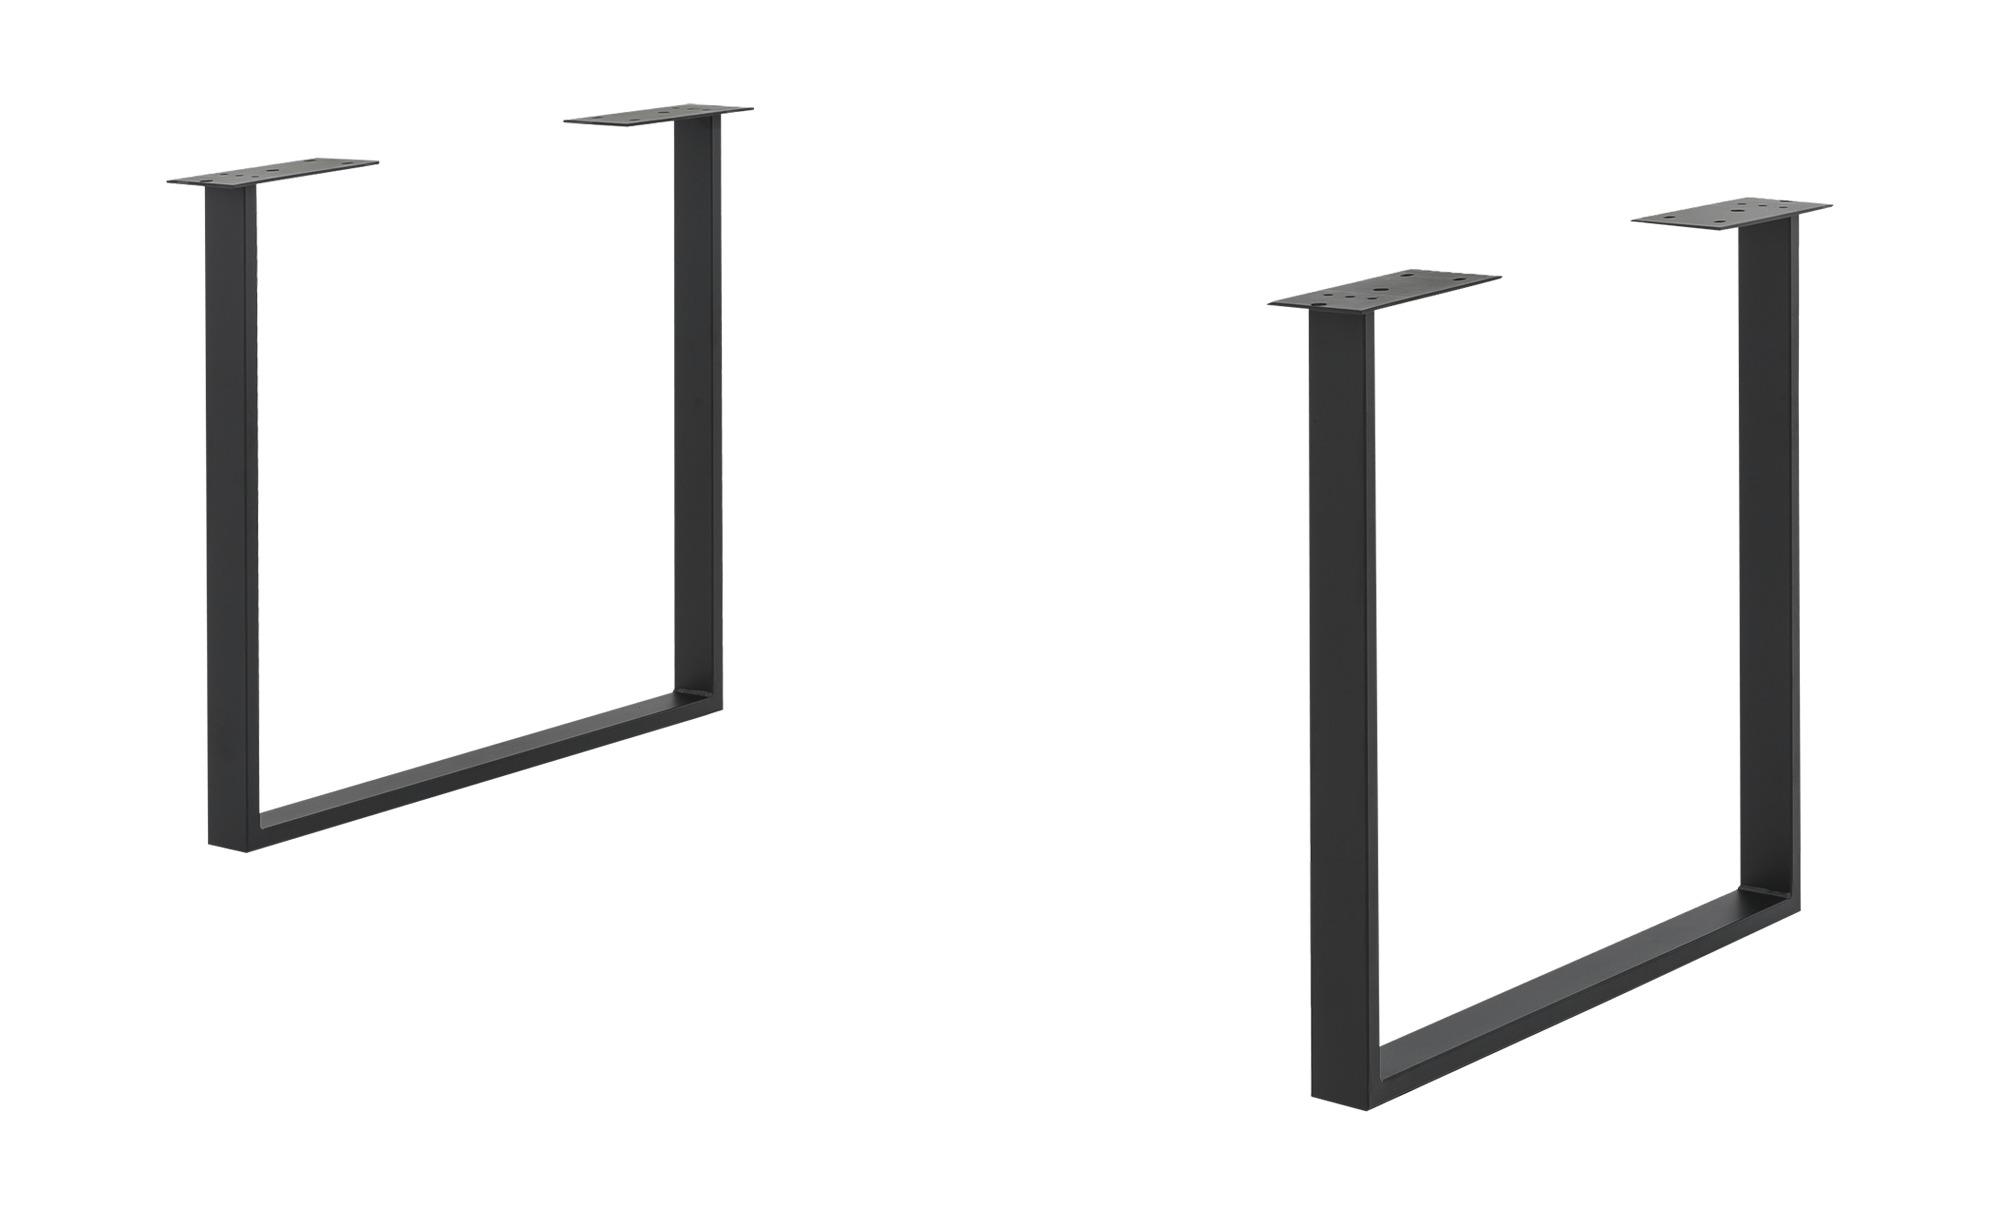 Tischgestell - schwarz - 73 cm - 72 cm - 6 cm - Tische > Tischbeine - Möbel Kraft | Wohnzimmer > Tische > Weitere Tische | Sconto